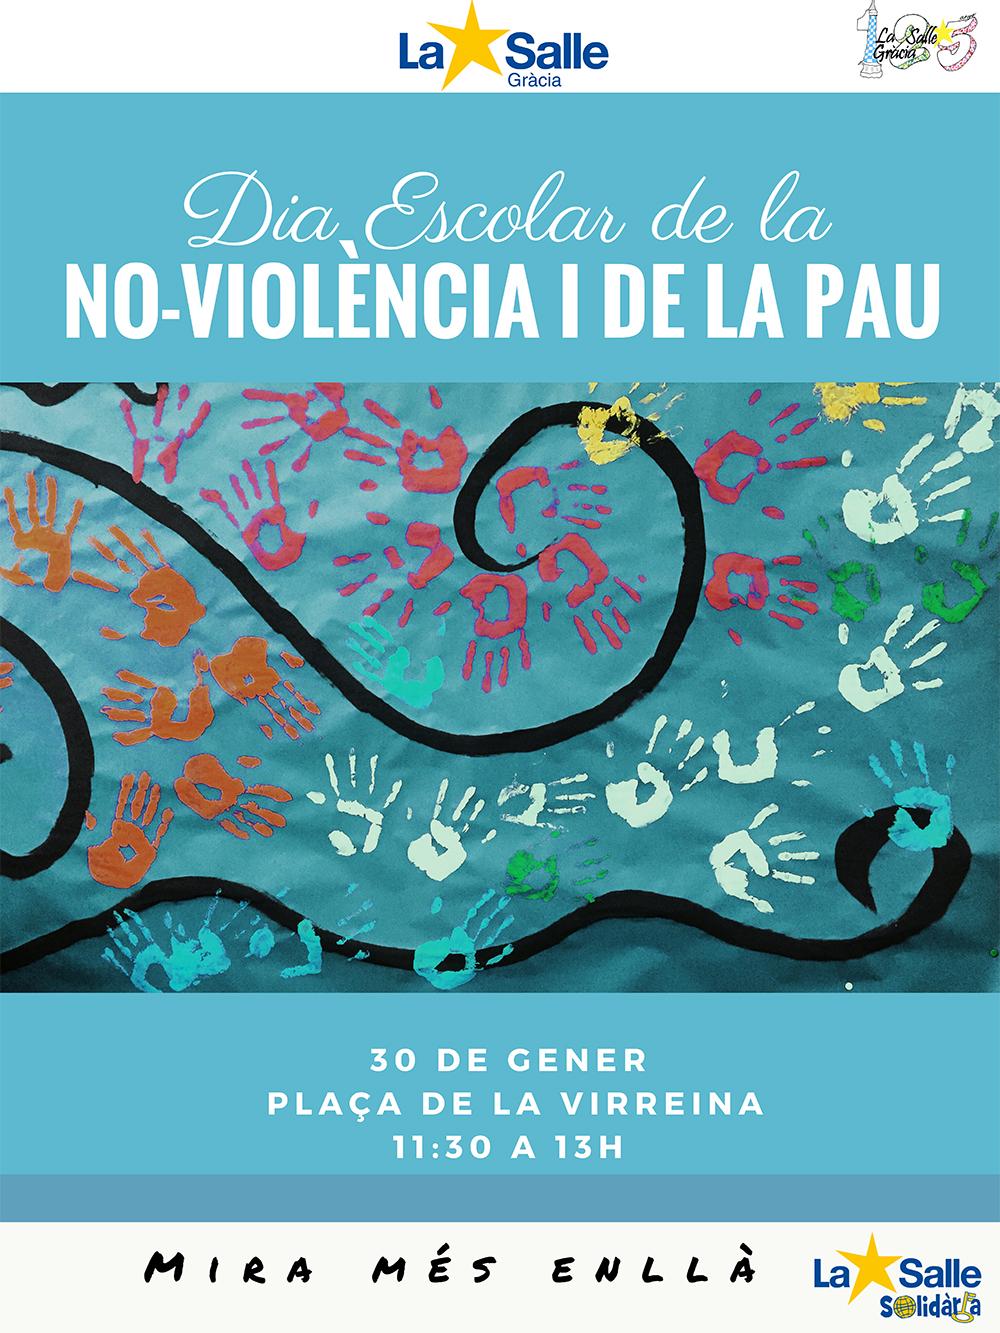 Dia Escolar de la No-violència i de la Pau (DENIP)